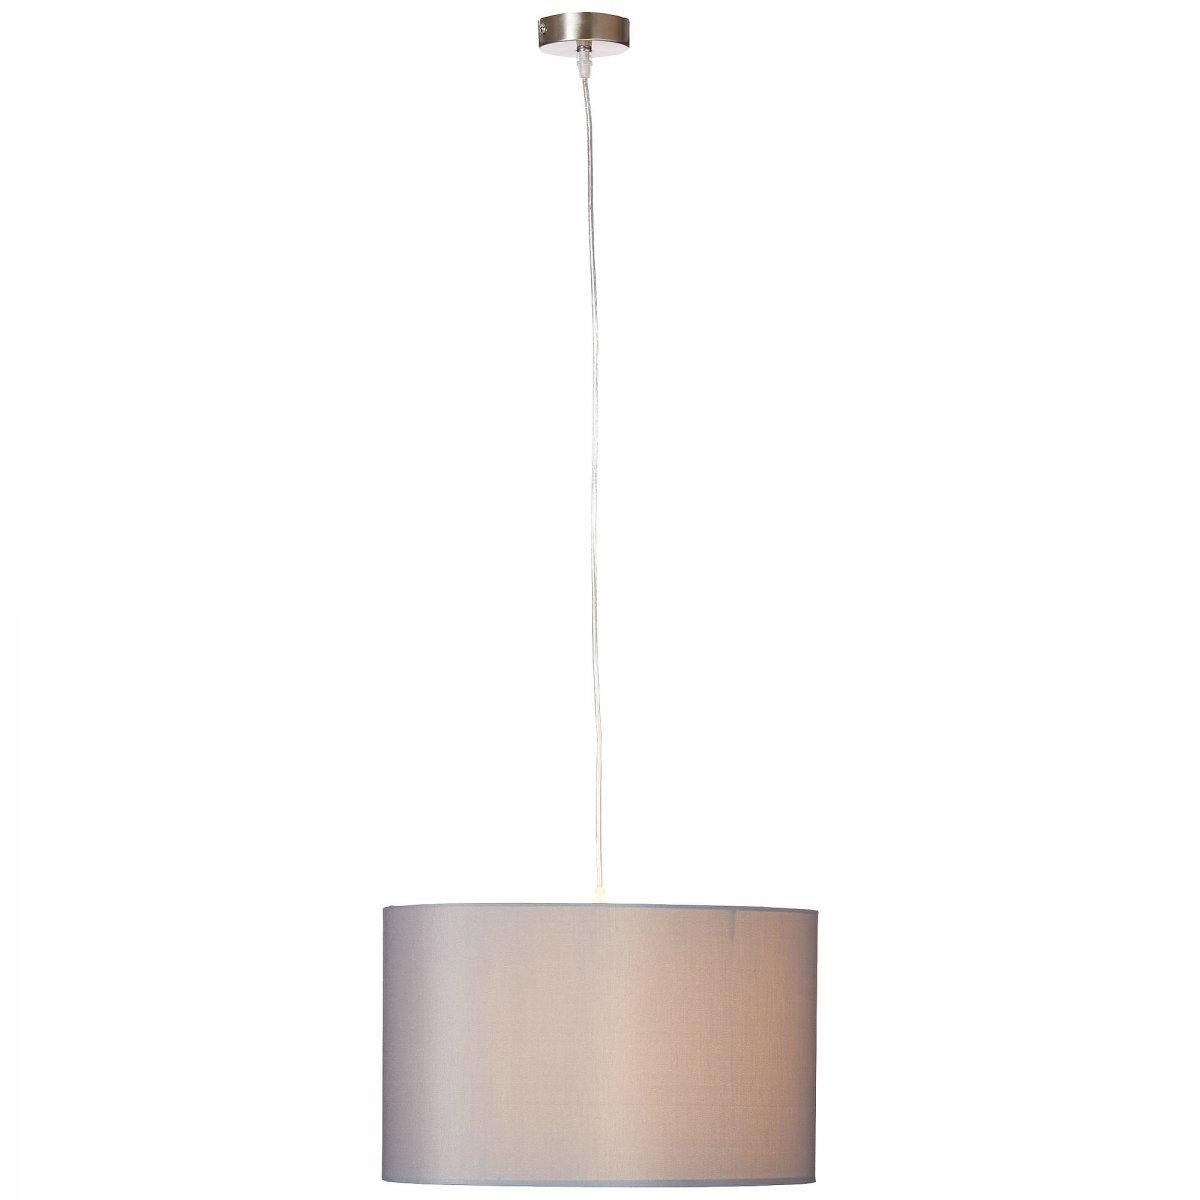 brilliant leuchten no 93374 22 pendelleuchte claire 1 flammig grau eur 49 48 leuchten. Black Bedroom Furniture Sets. Home Design Ideas